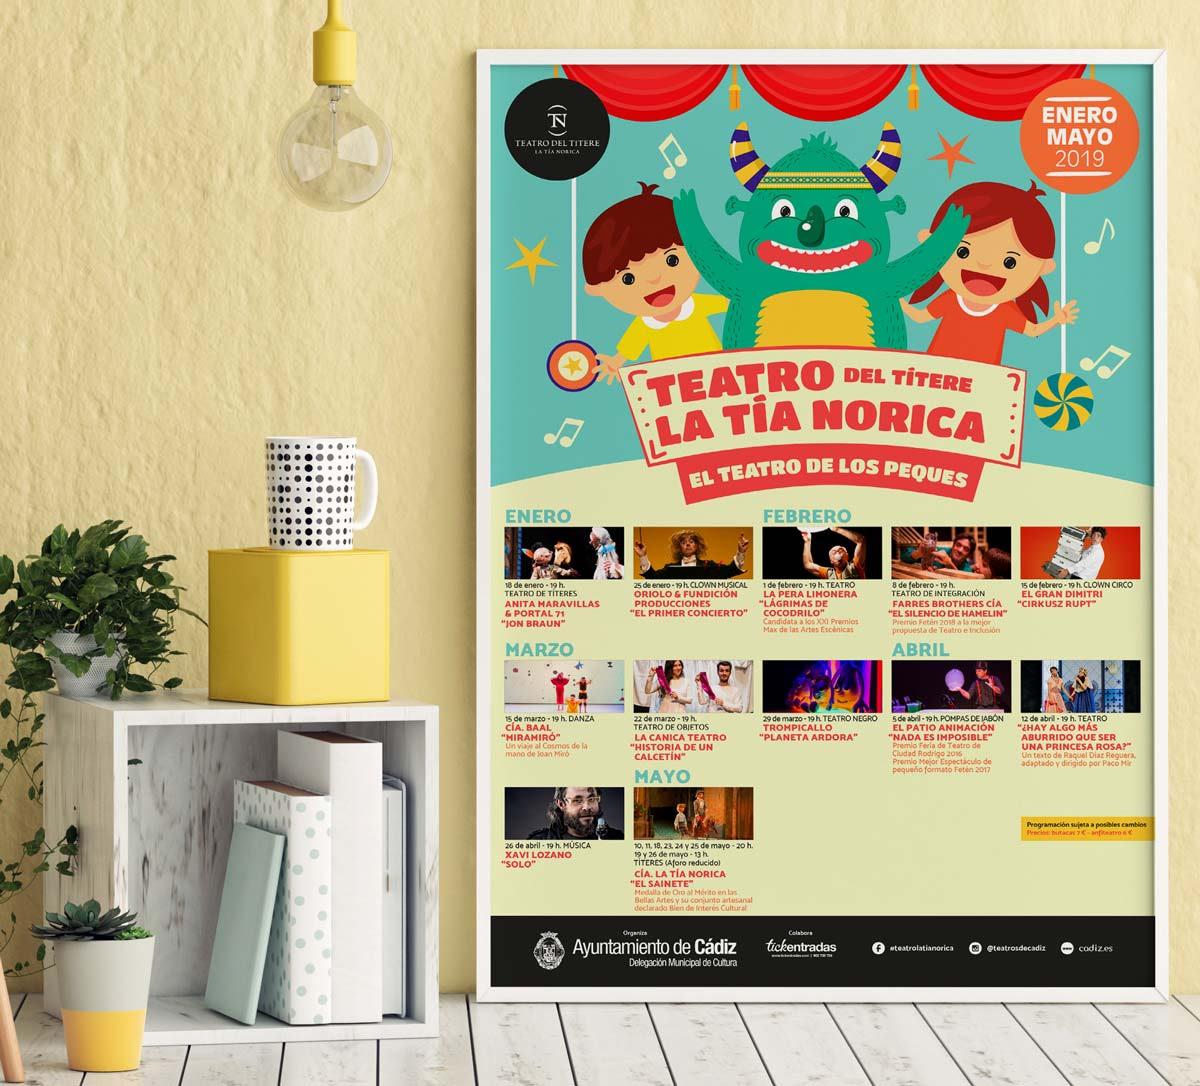 Cartel - Campaña publicitaria - Teatro del Títere - La Tía Norica (Enero - Mayo 2019)